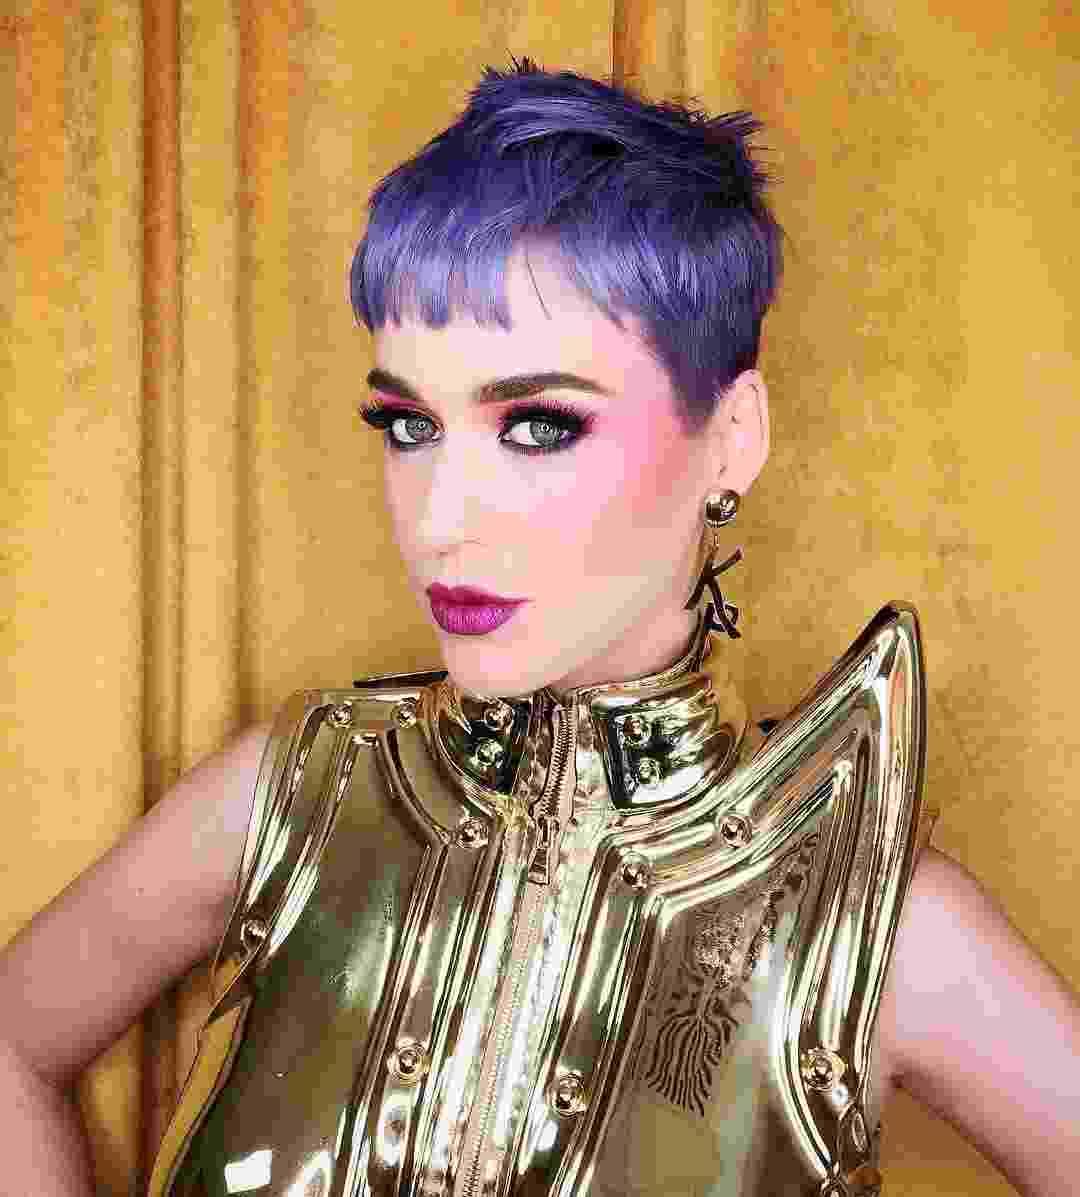 Katy Perry com cabelos curtos e roxos - Reprodução/Instagram